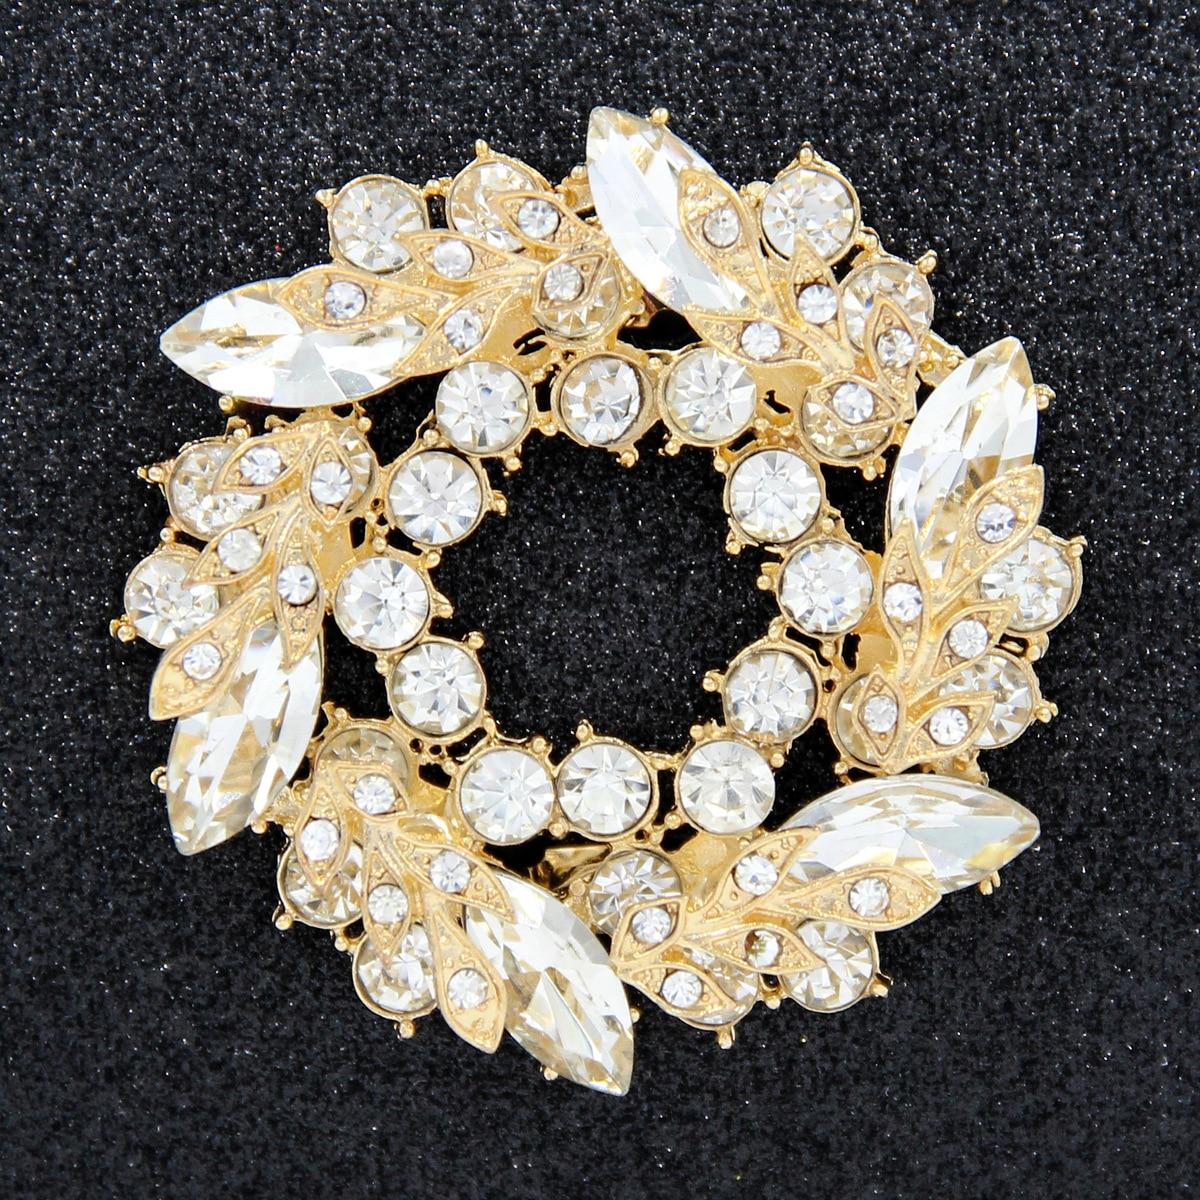 Noir À Perle De Soirée argent Embrayages Main Boîte Jour Sacs Diamant D'embrayage gris Banquet Feminina Partie Femmes Sac Bolsa or Dames Fleur Boucle 4qq0wH6